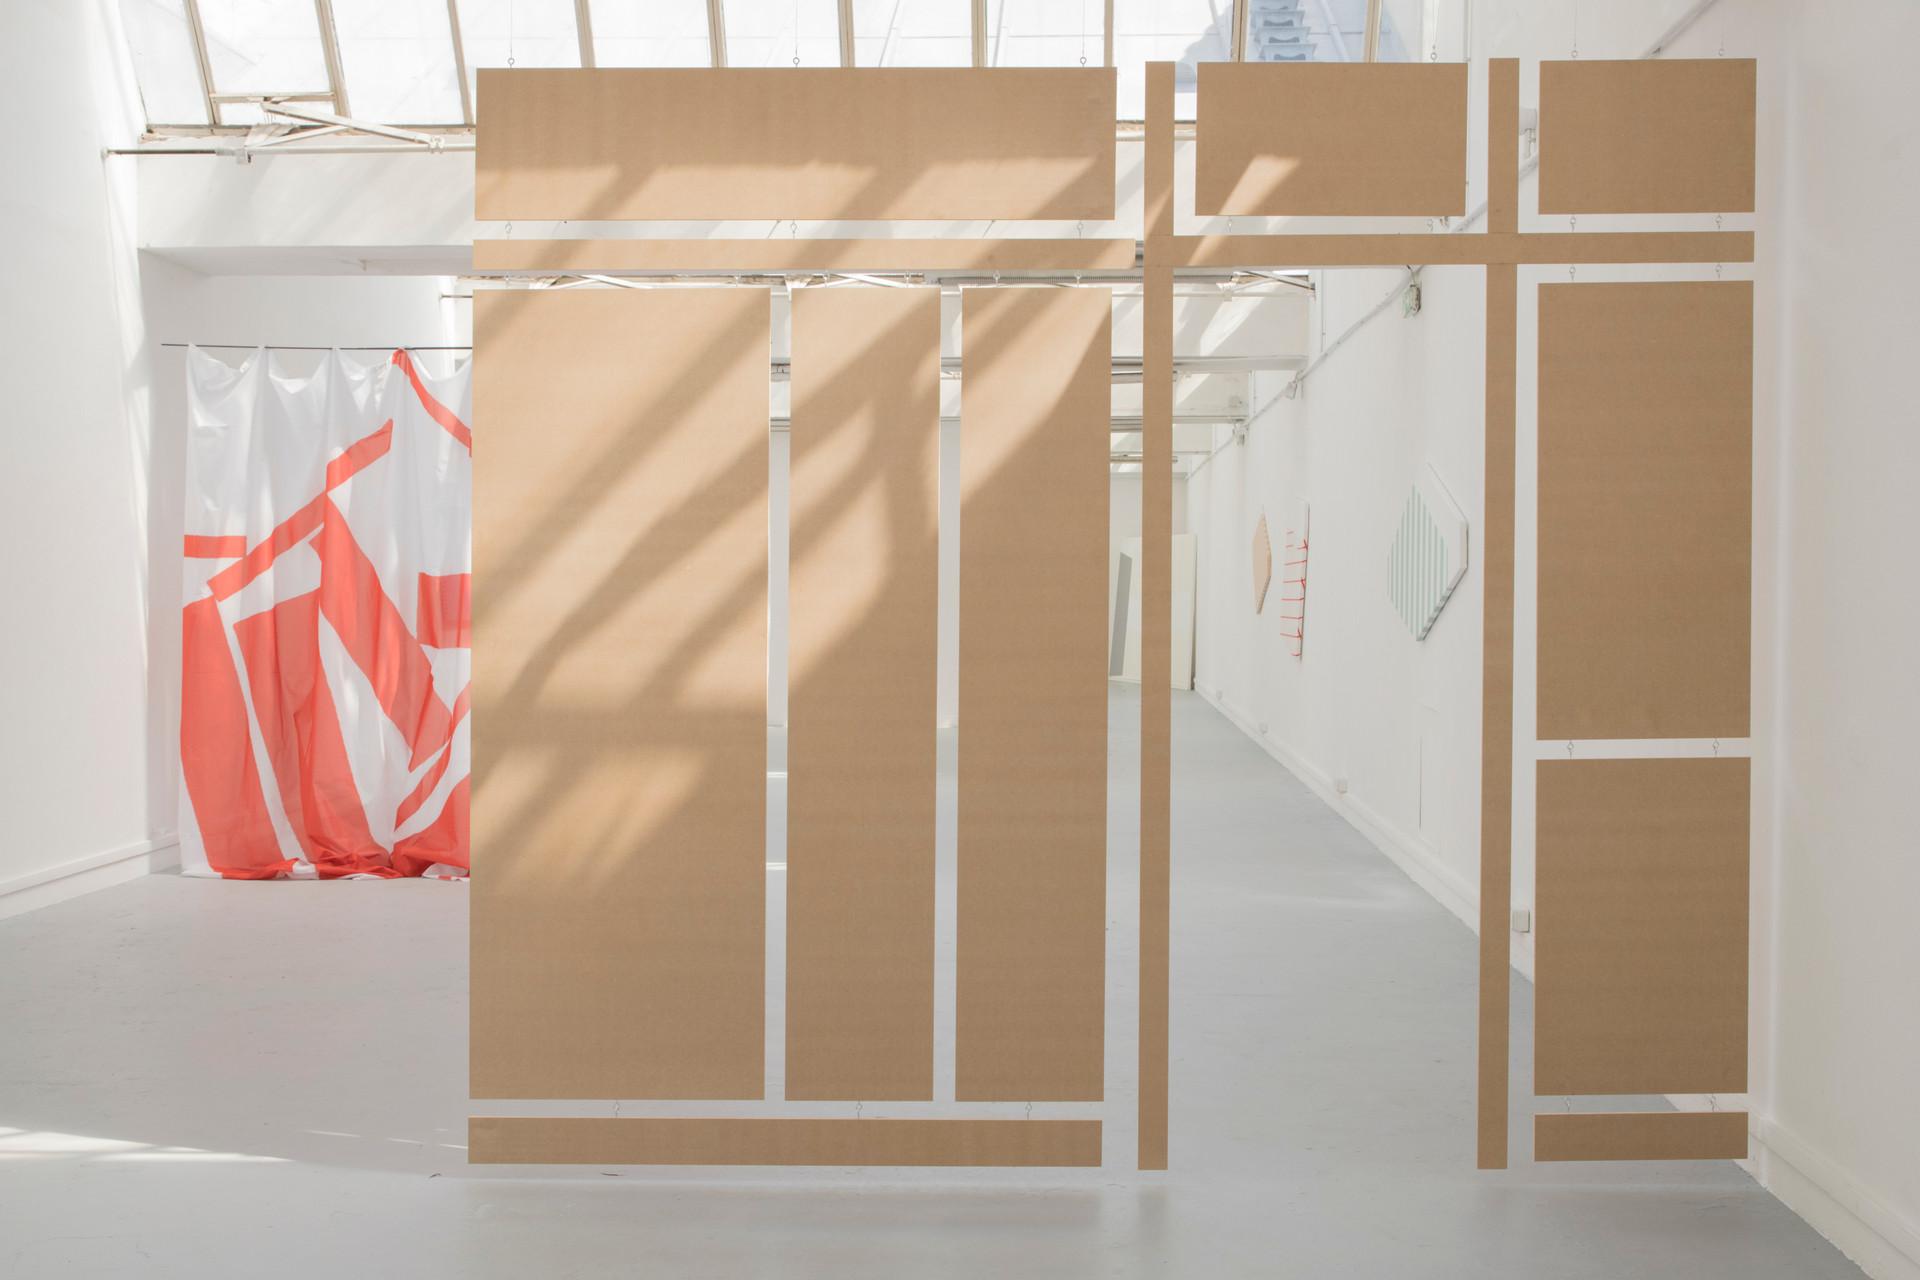 vues de l'installation lors de l'exposition Still life, 2019